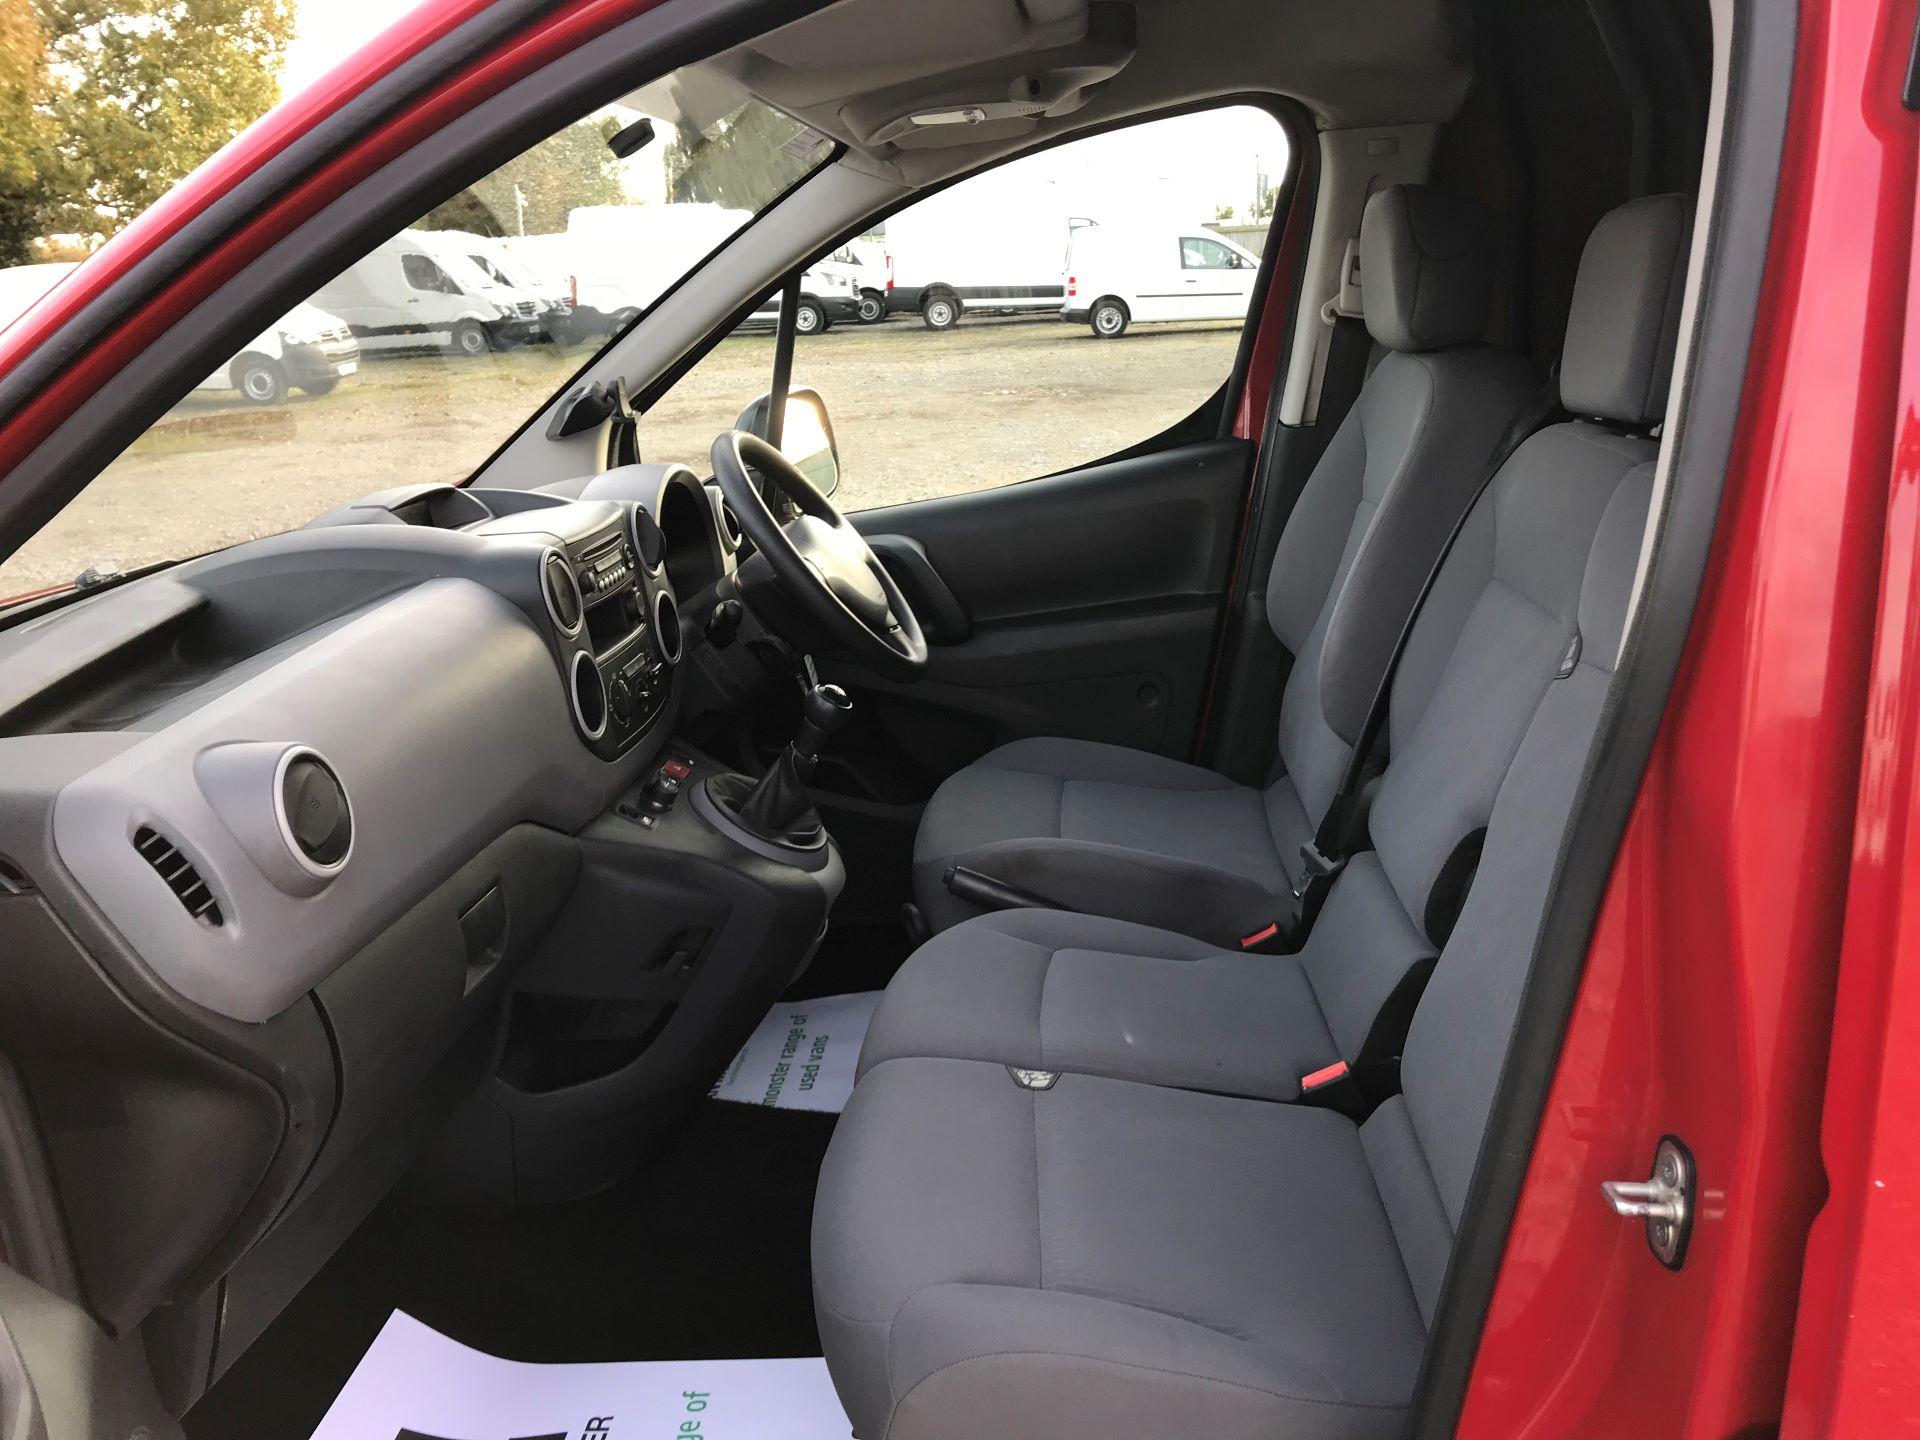 2016 Peugeot Partner  L1 850 SE 1.6 92PS EURO 5 RESTRICTED TO 70MPH (NU16HFP) Image 14